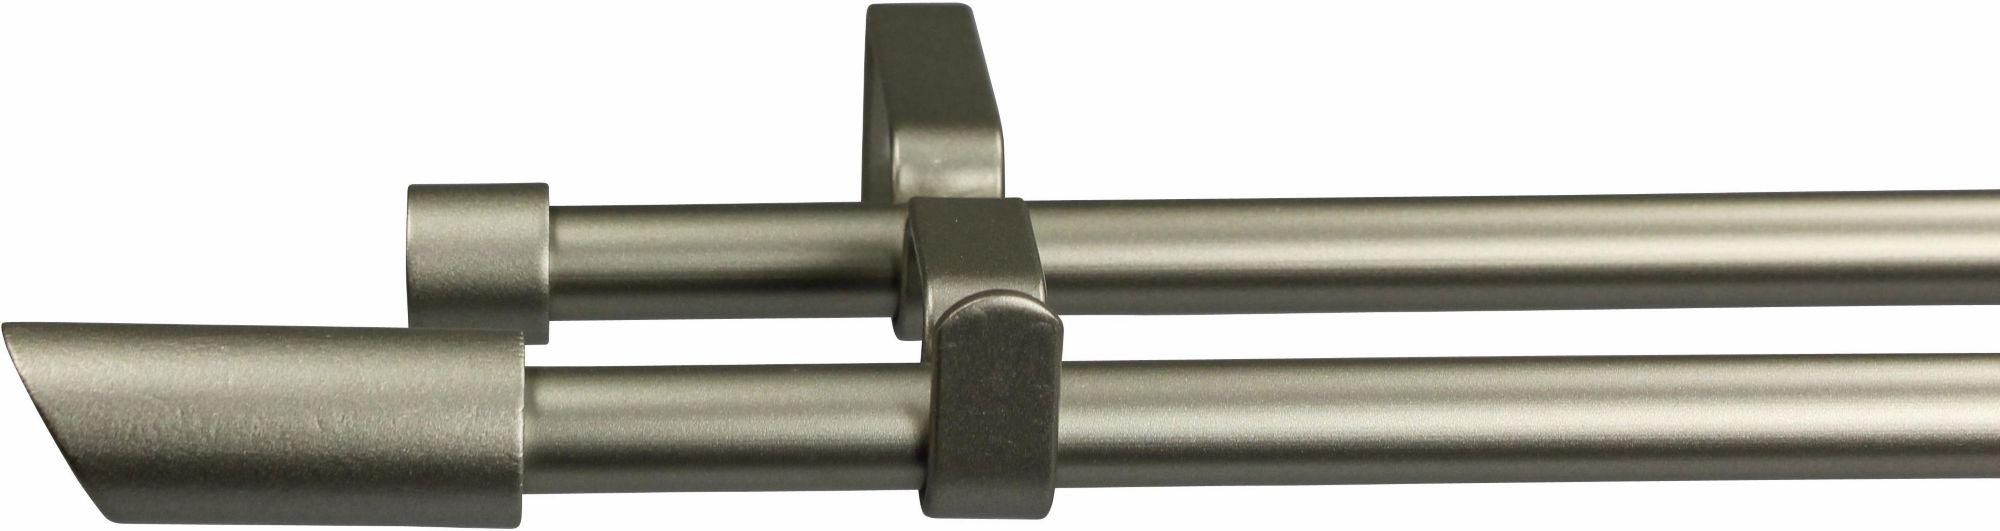 GARESA Gardinenstange 16 mm Zyli, ohne Ringe, nach Maß